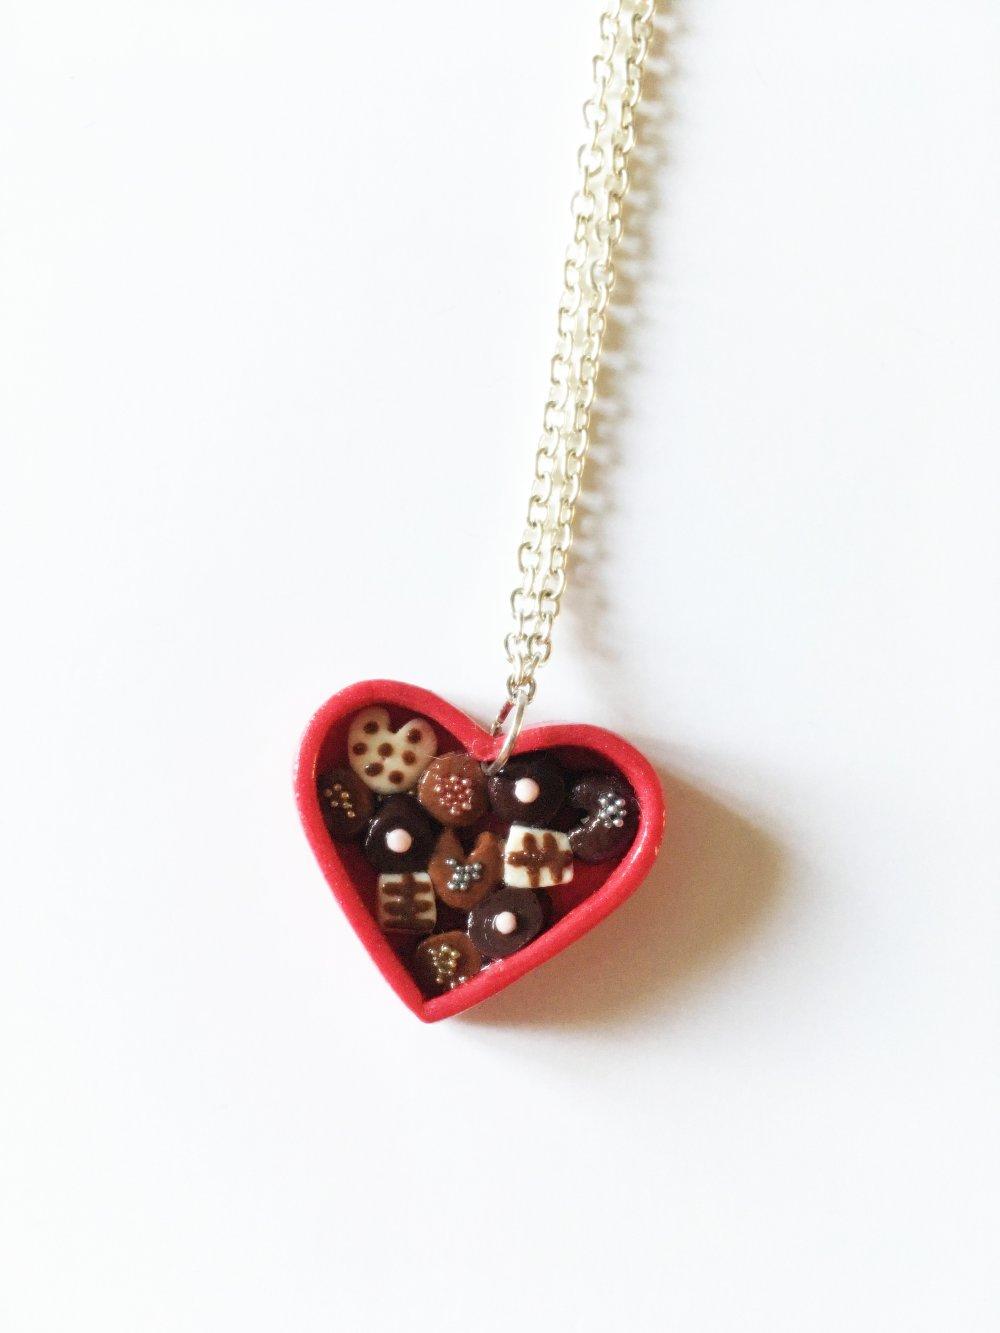 Collier Fimo boîte de chocolats en forme de cœur